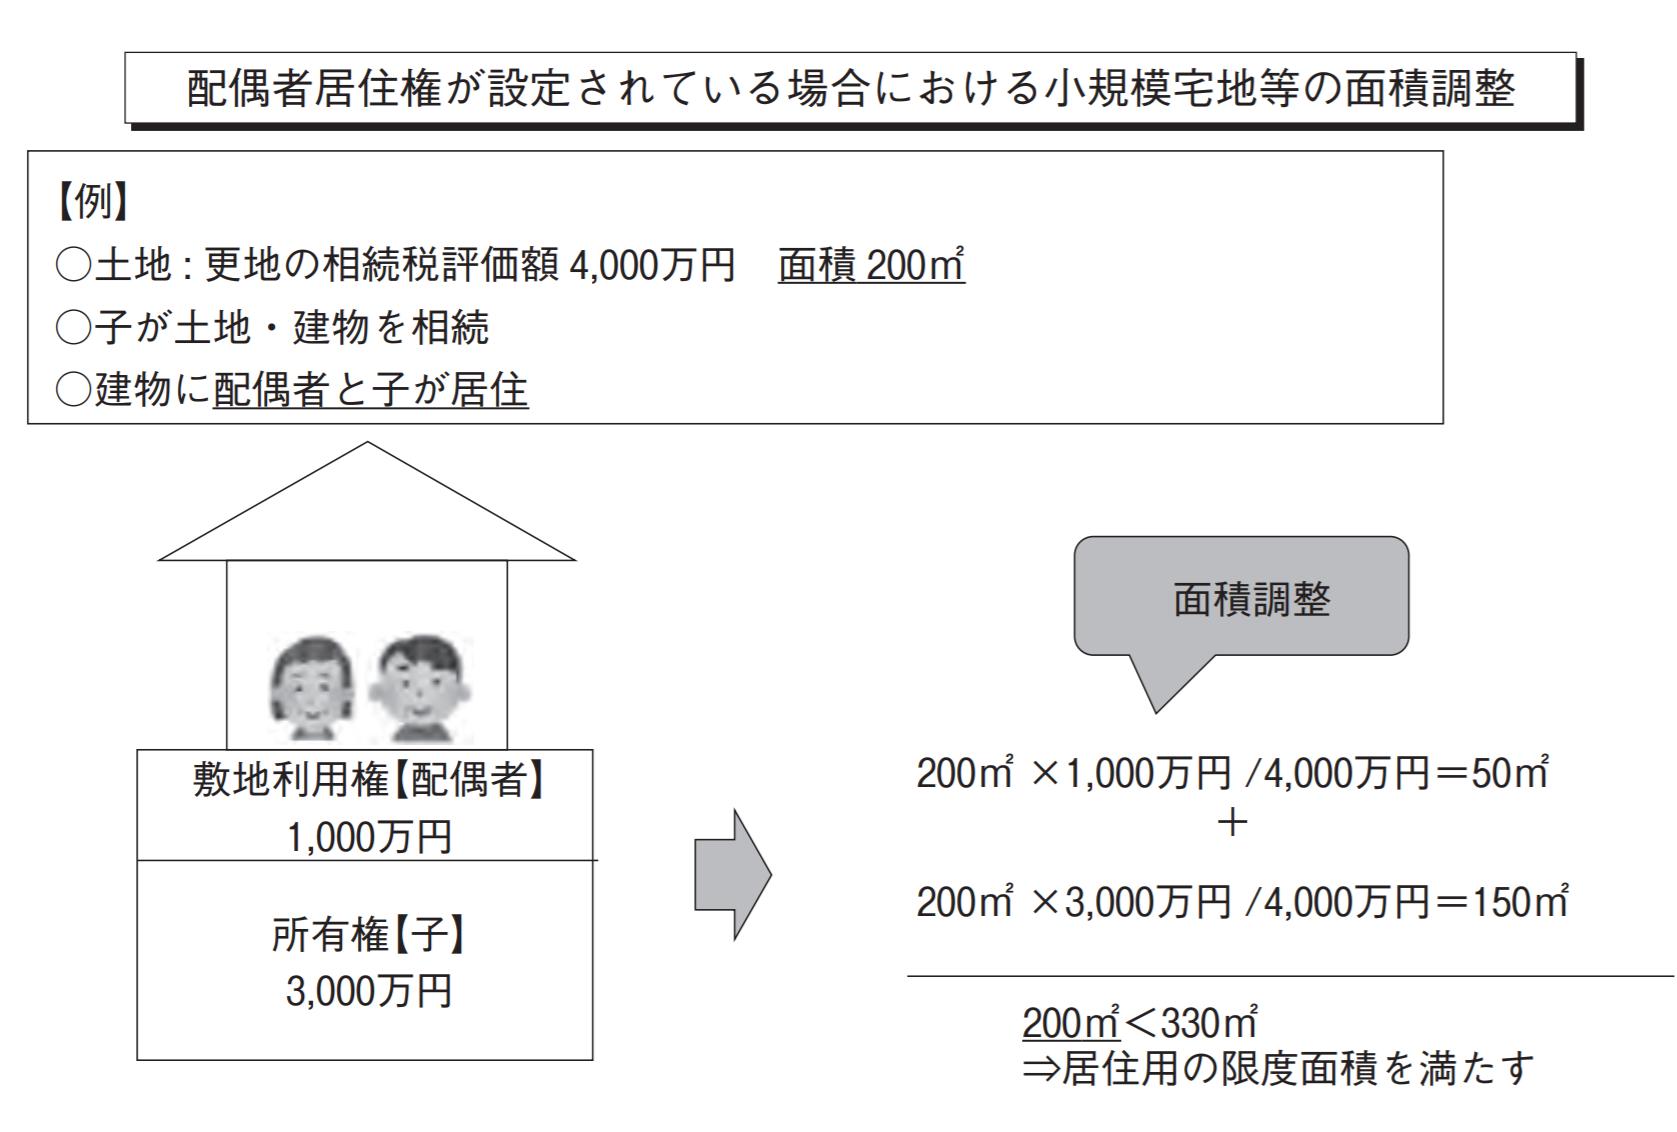 配偶者居住権が設定された場合の小規模宅地の特例の限度面積